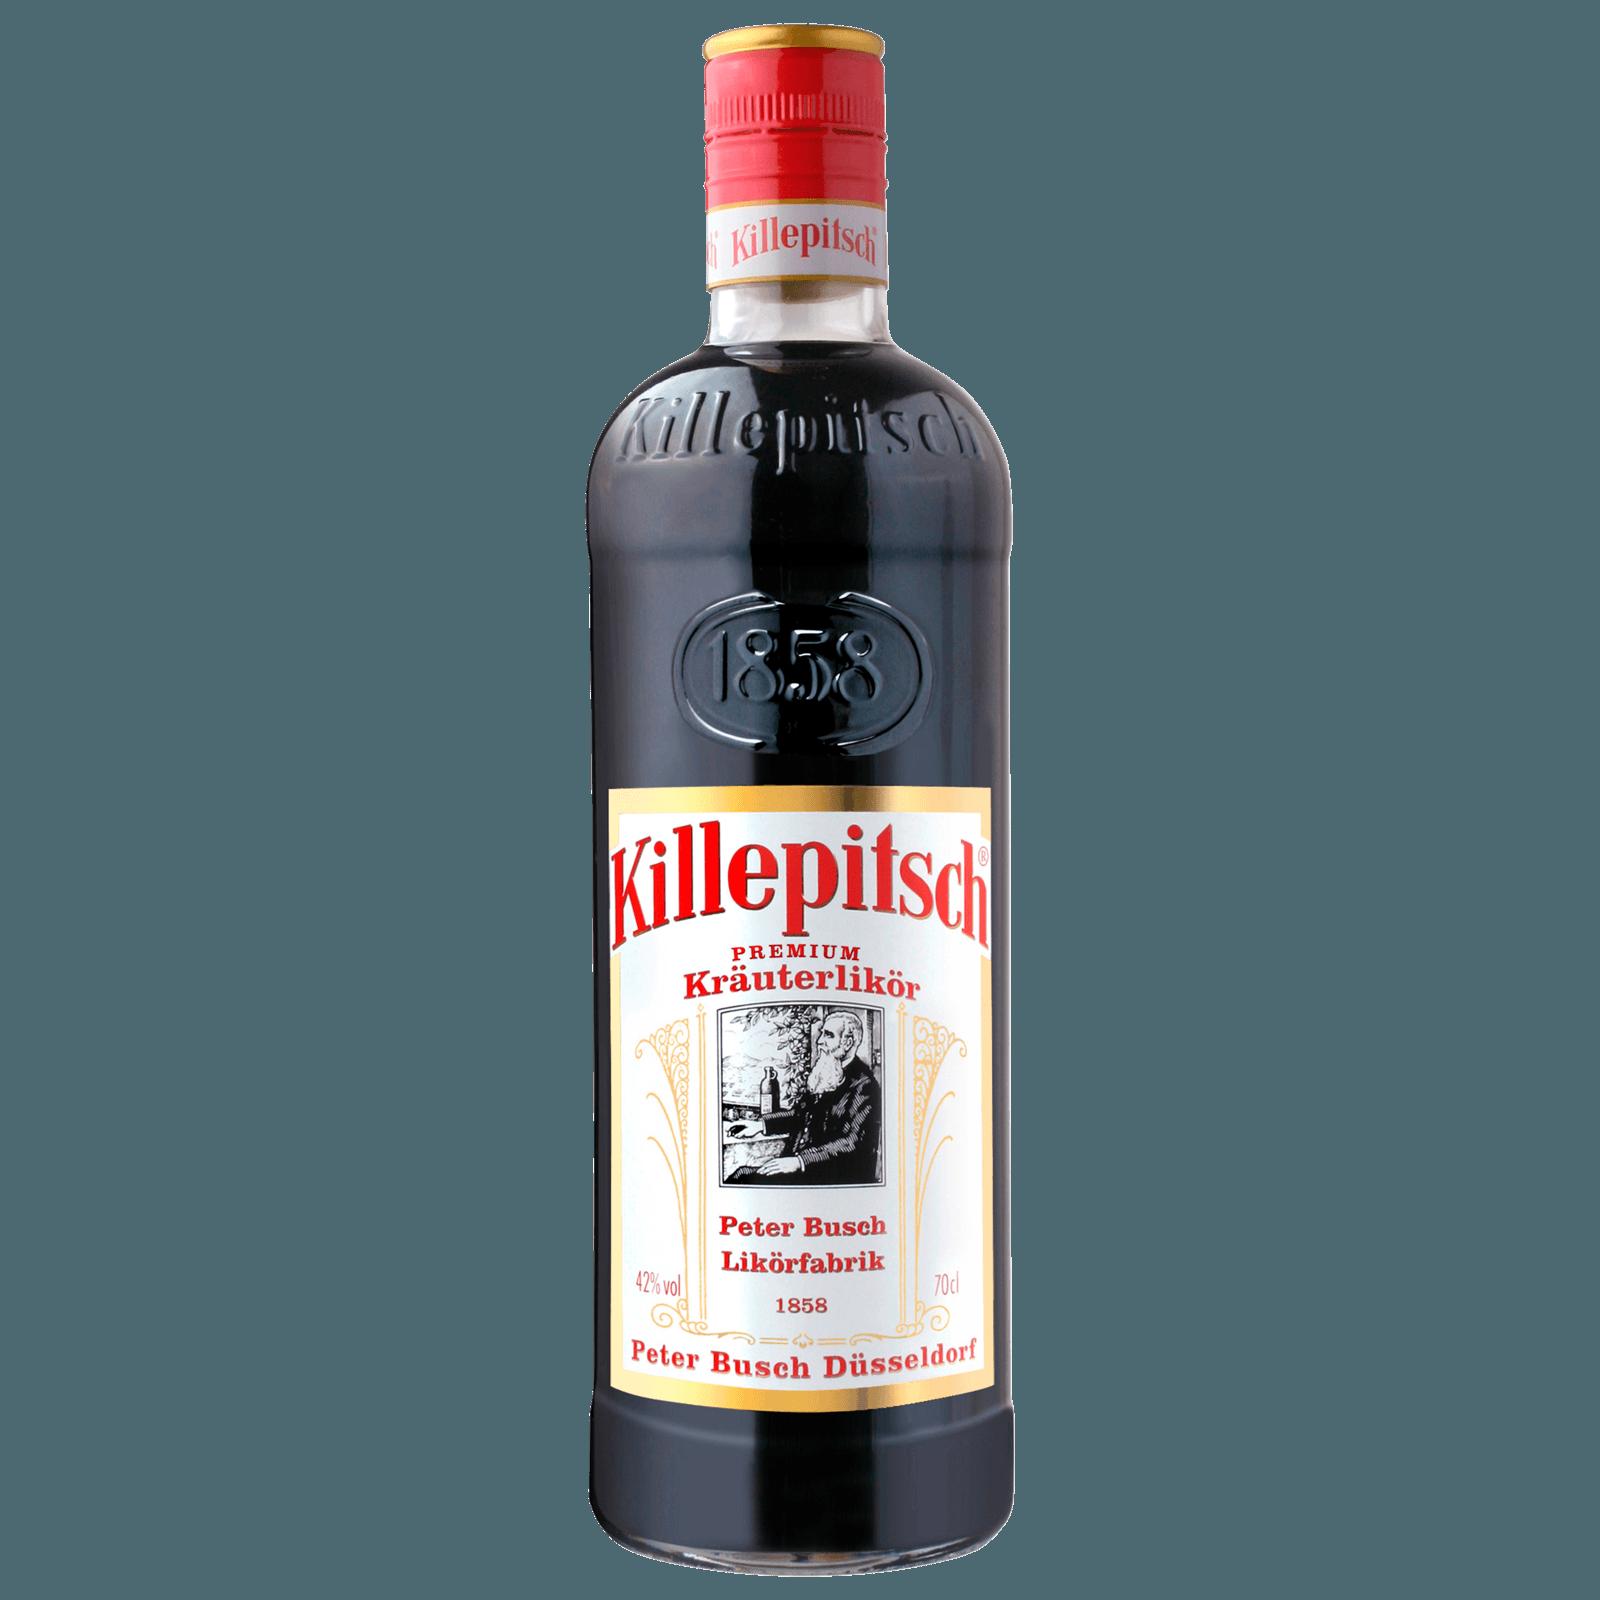 Killepitsch Premium Kräuterlikör 0,7l